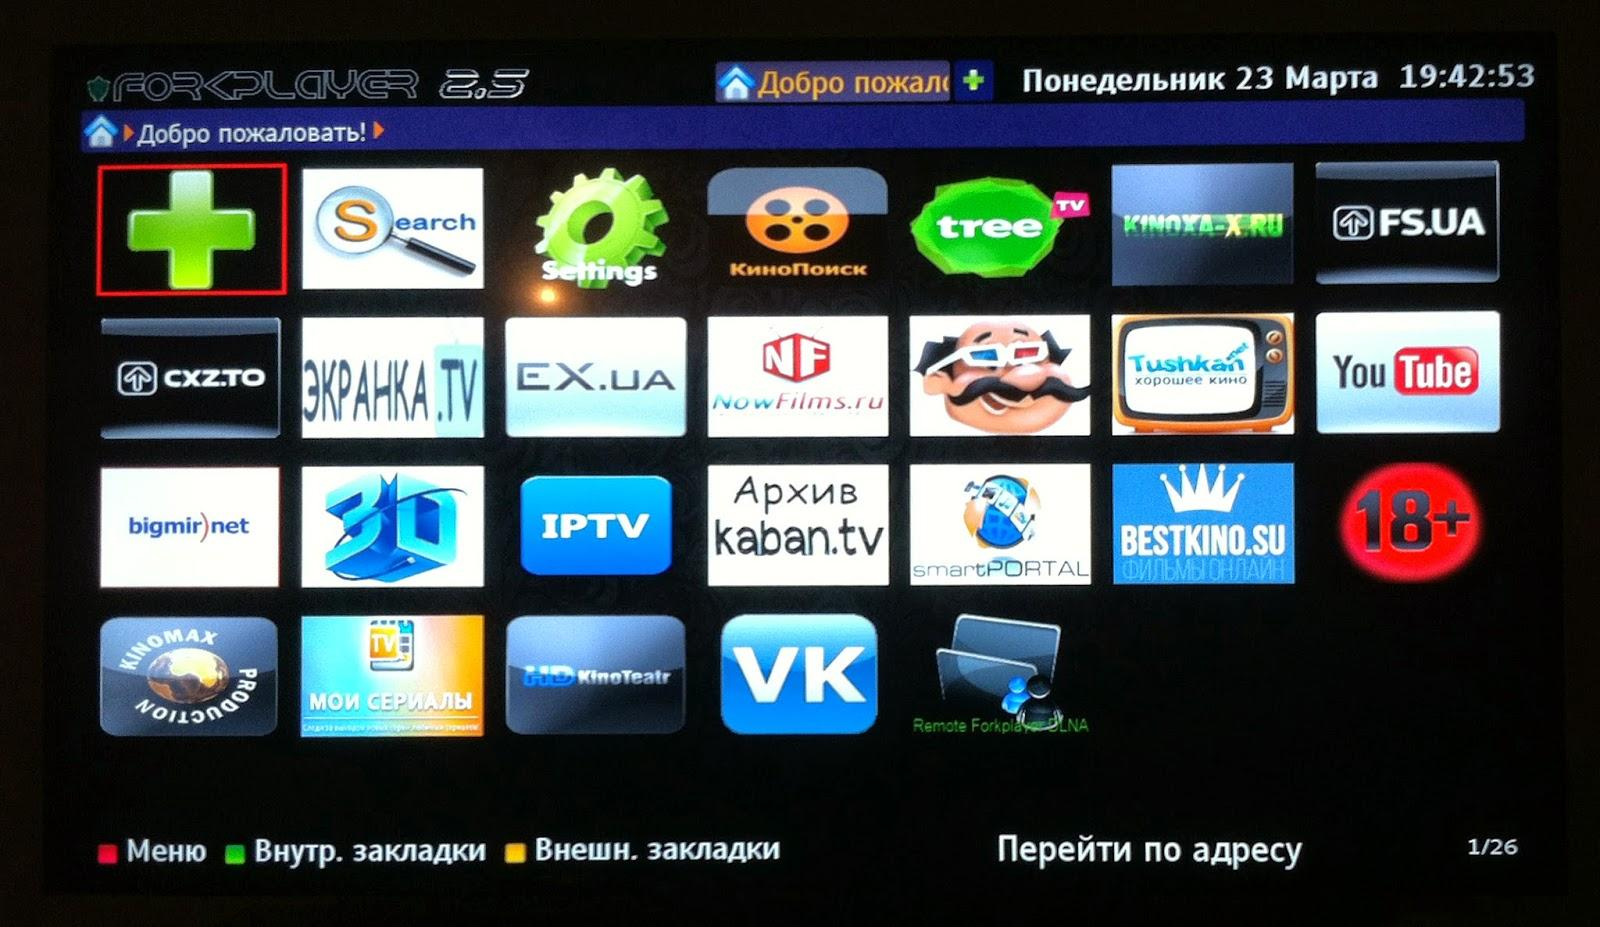 Установка и настройка приложений на телевизор Philips Smart TV